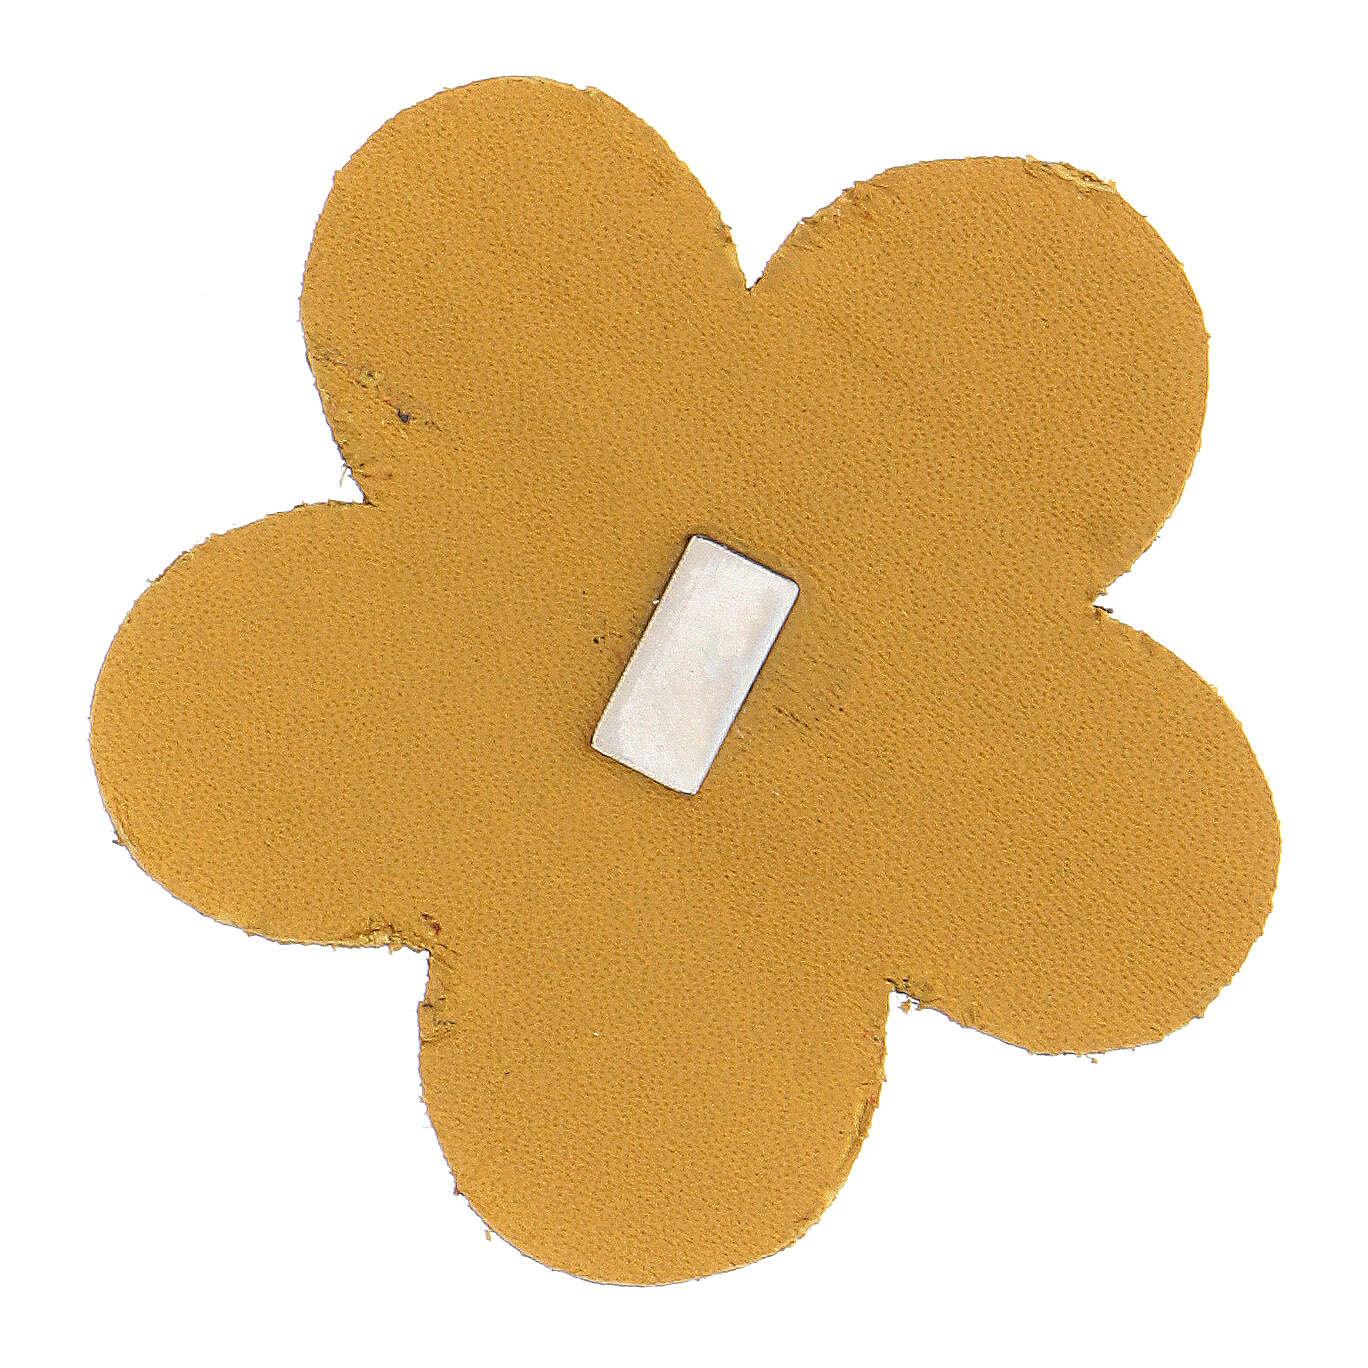 Magnete fiore stilizzato vera pelle gialla Madonna Lourdes 5 cm 3